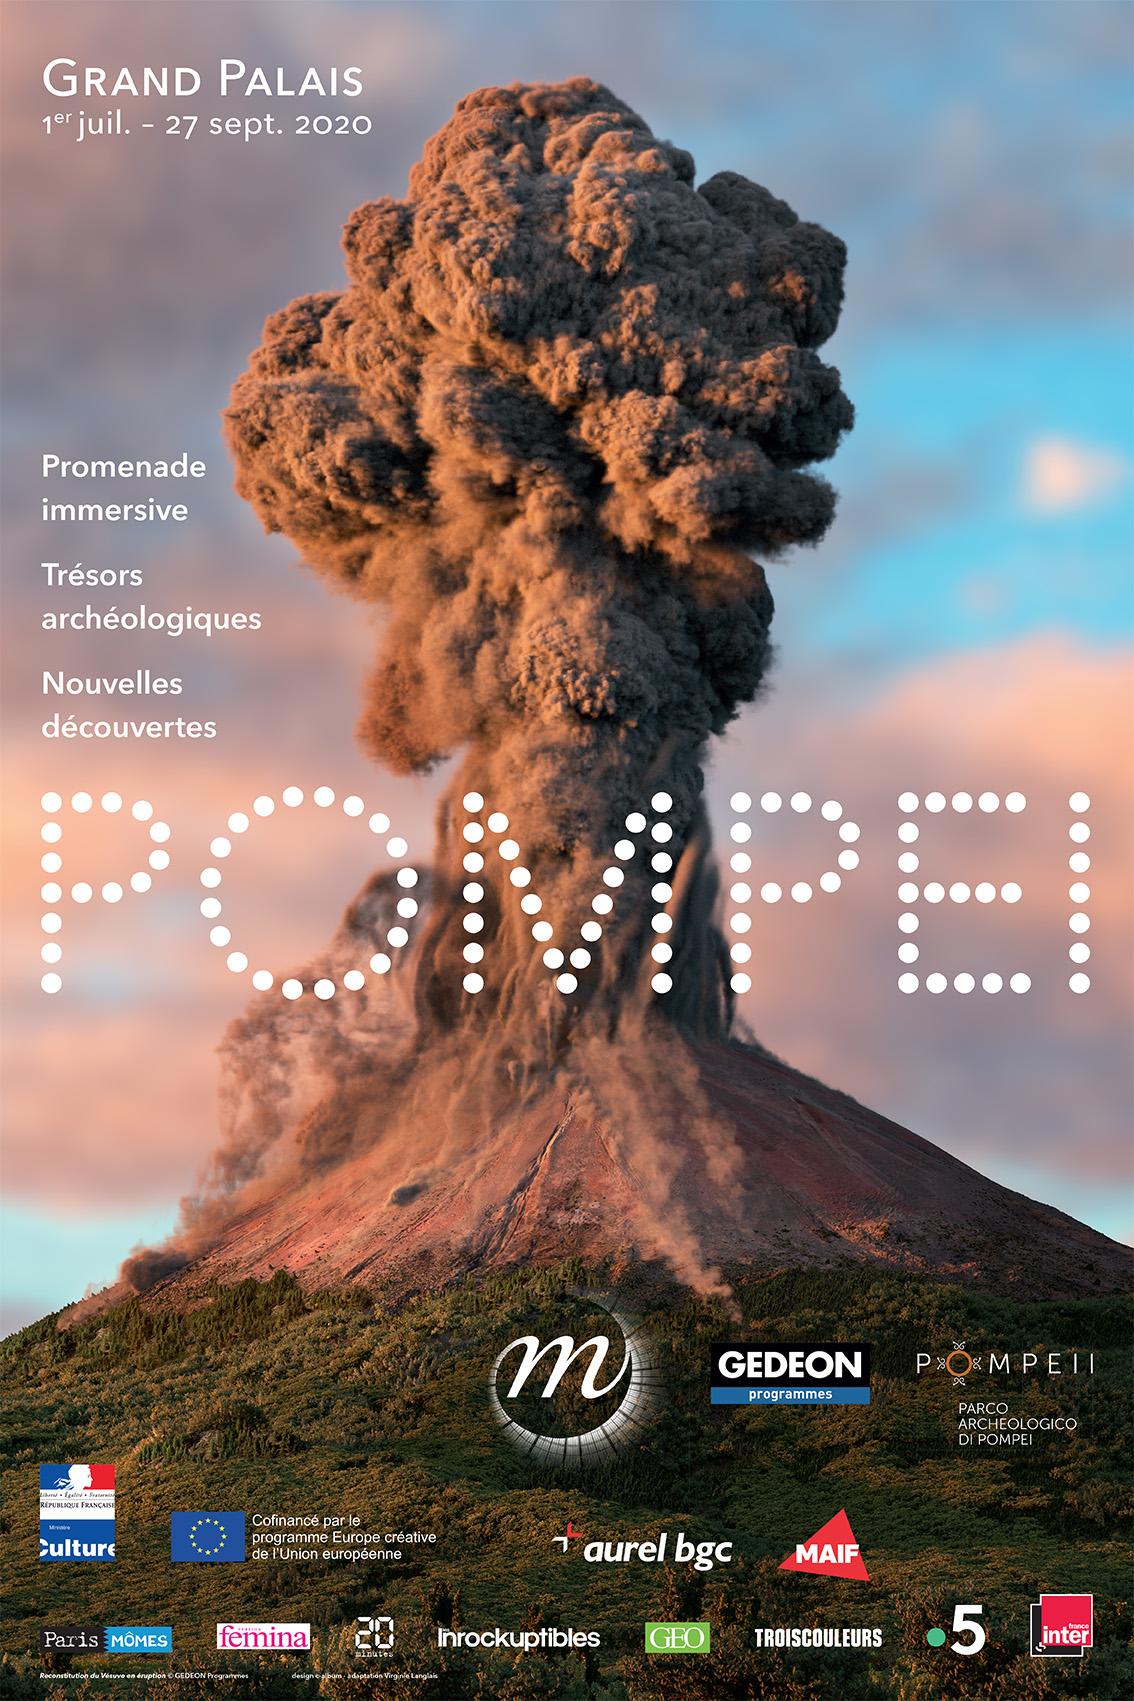 """Exposition / """"Pompéi"""" au Grand Palais jusqu'au 27 septembre 2020 2 image"""